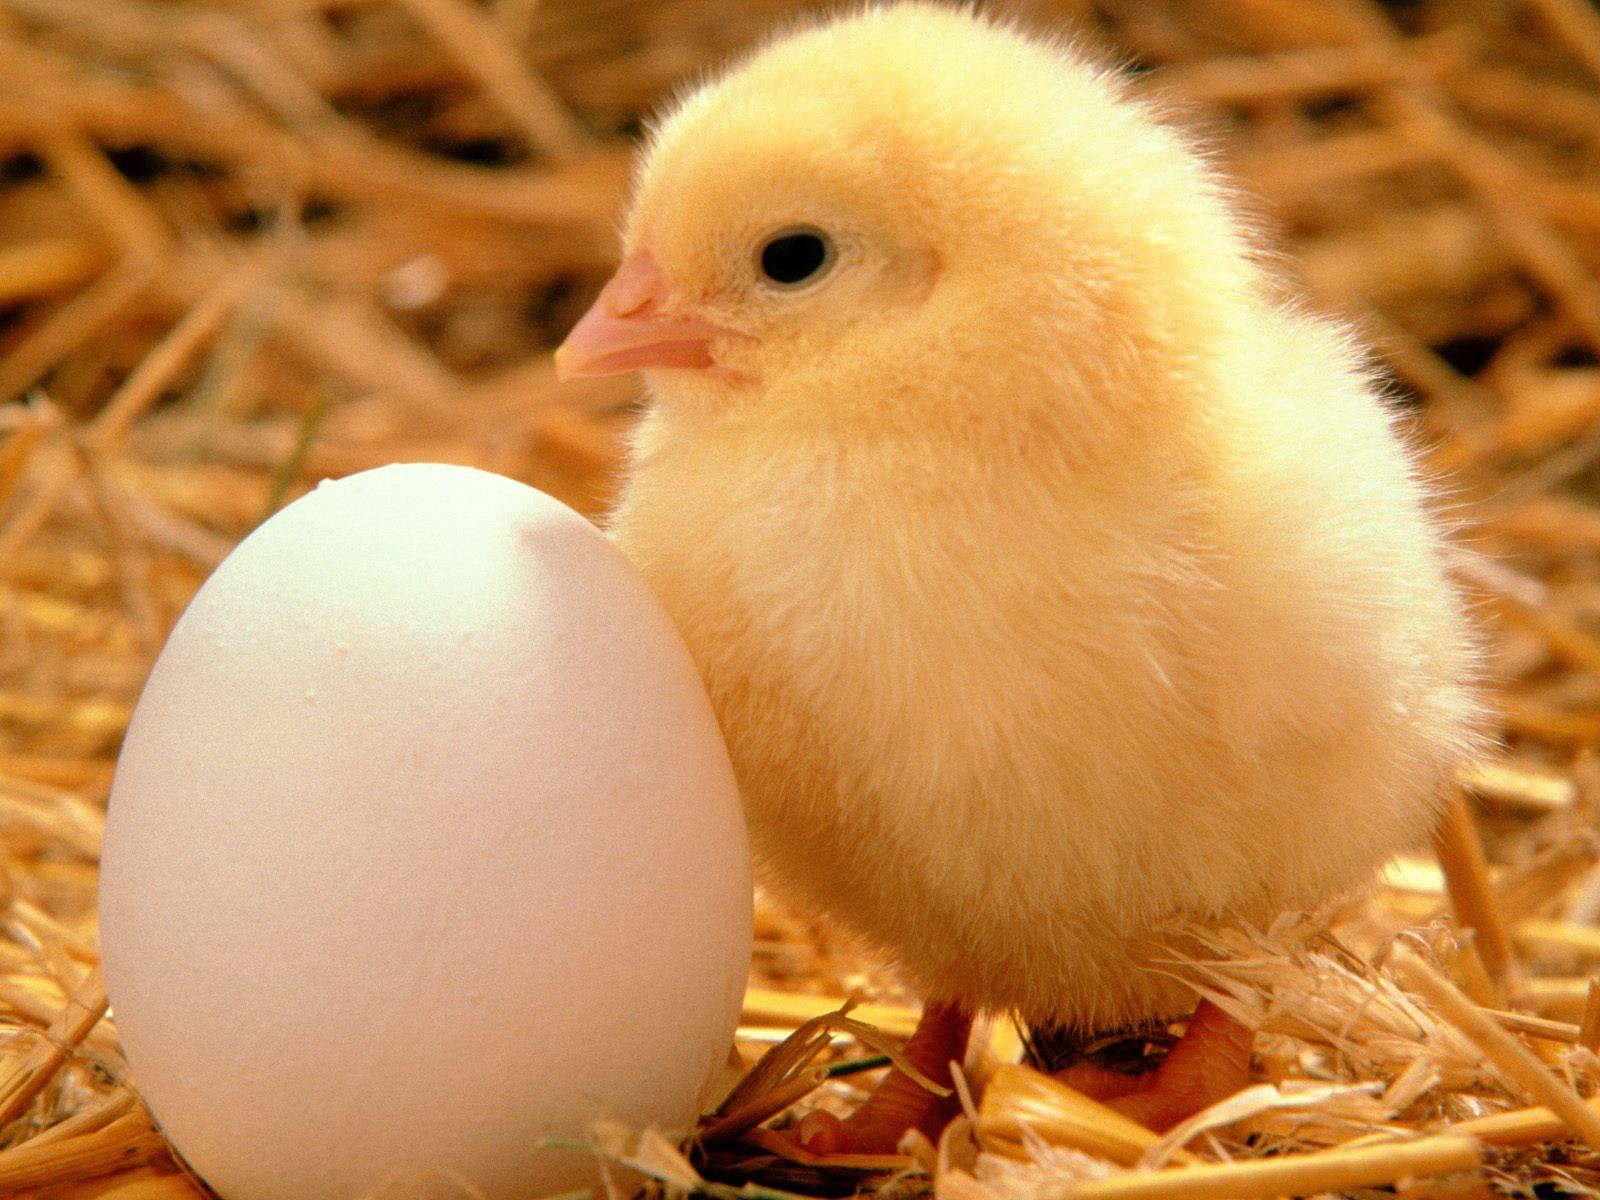 http://1.bp.blogspot.com/-9z4aksjbh90/TnkZRlousJI/AAAAAAAAPf4/OQ48lUcYxQQ/s1600/Aves-Impresionantes-en-hd_23.jpg